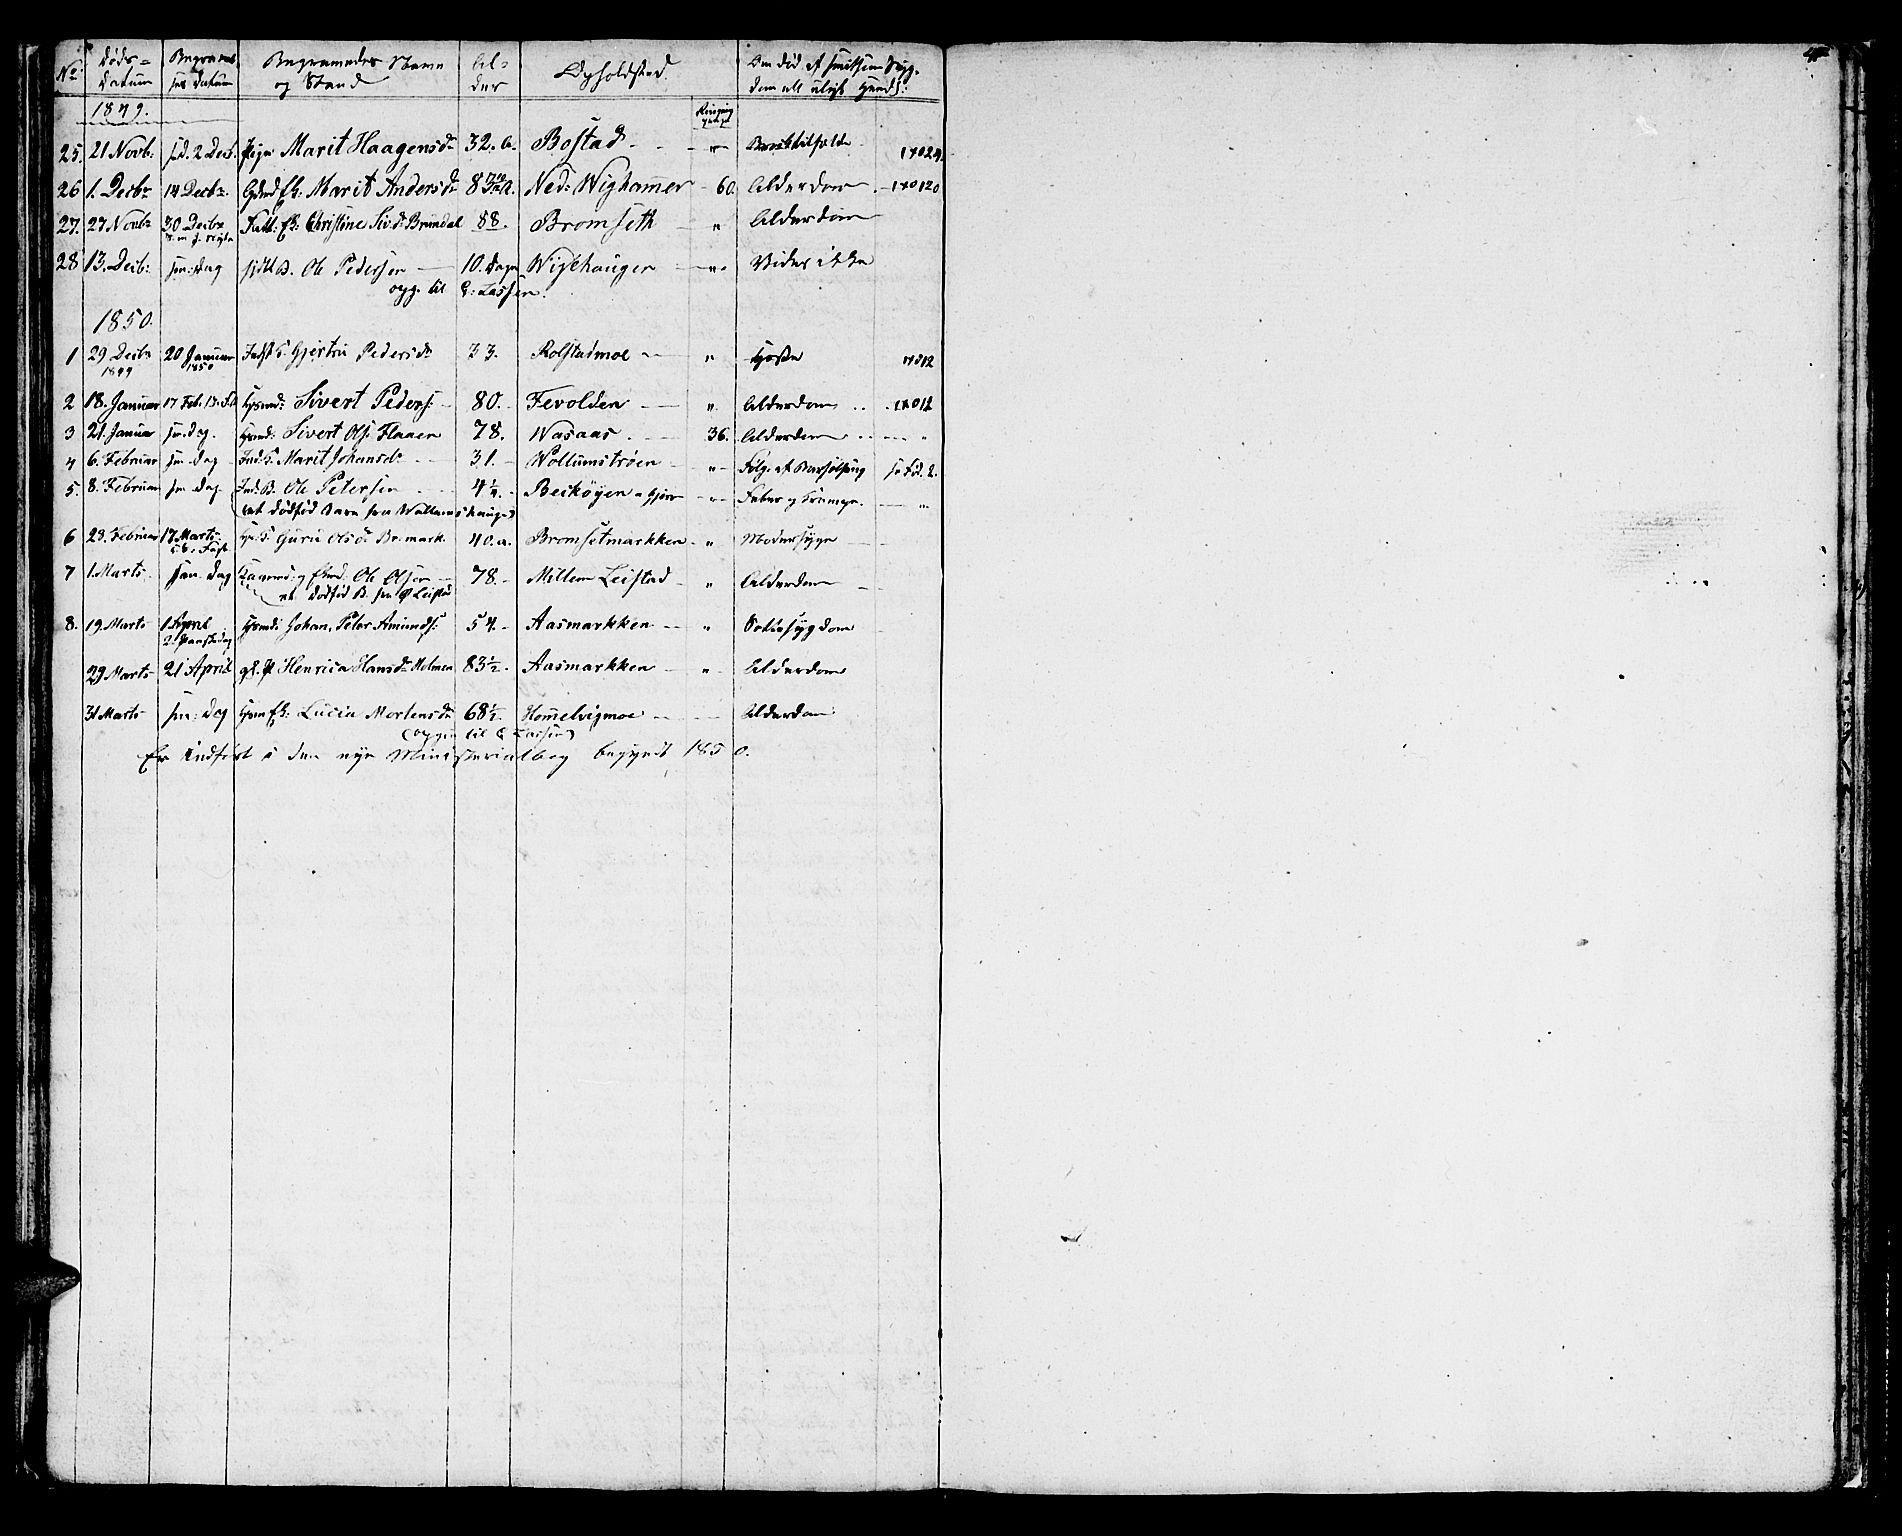 SAT, Ministerialprotokoller, klokkerbøker og fødselsregistre - Sør-Trøndelag, 616/L0421: Klokkerbok nr. 616C04, 1834-1850, s. 41